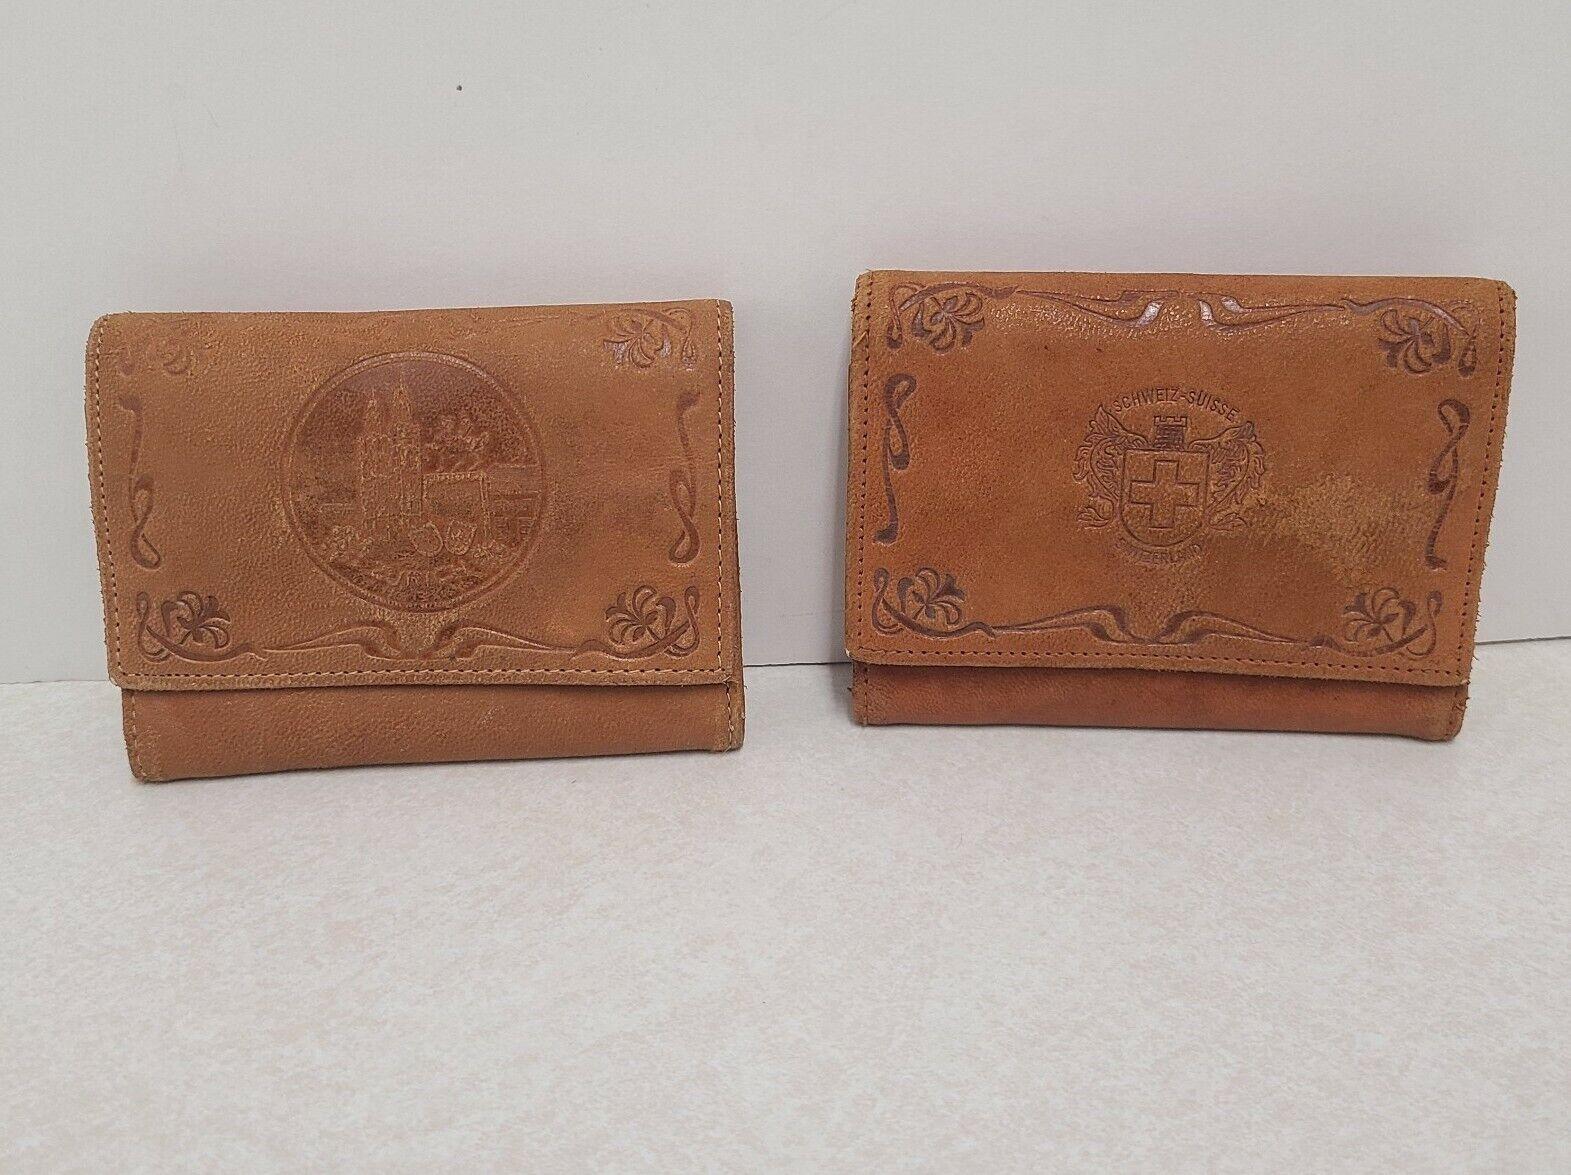 Handcrafted Leather Billfolds Lot of 2 Switzerland Zurich